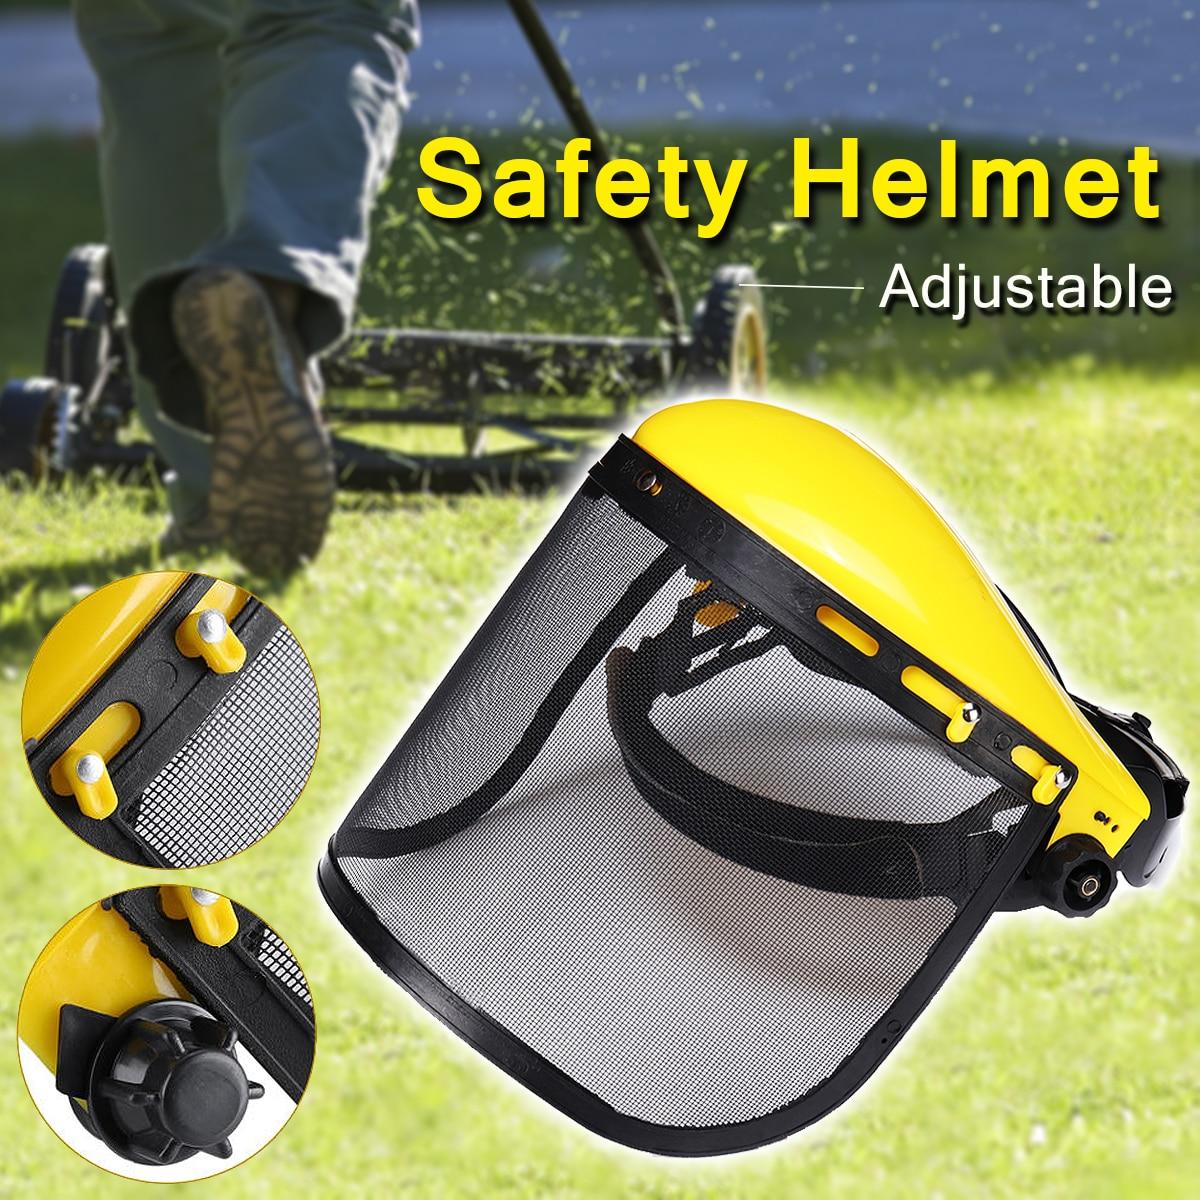 Sicherheit & Schutz Ehrgeizig Kettensäge Sicherheit Helm Hut Protokollierung Brushcutter Forstwirtschaft Visier Schutz Elegant Und Anmutig